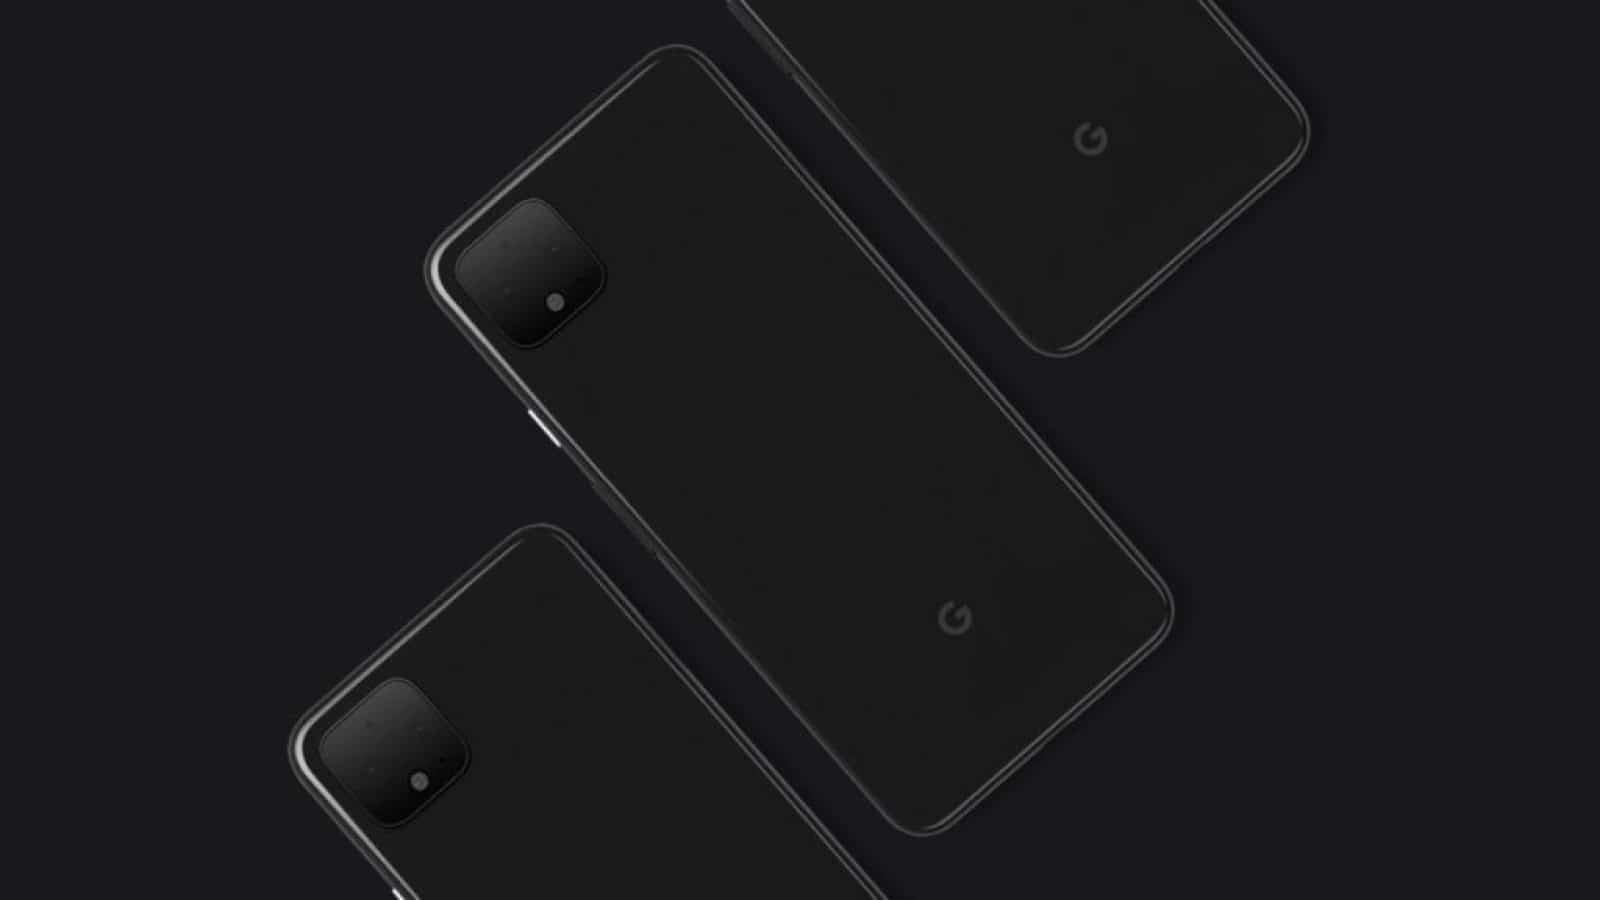 google pixel 4 images on black background